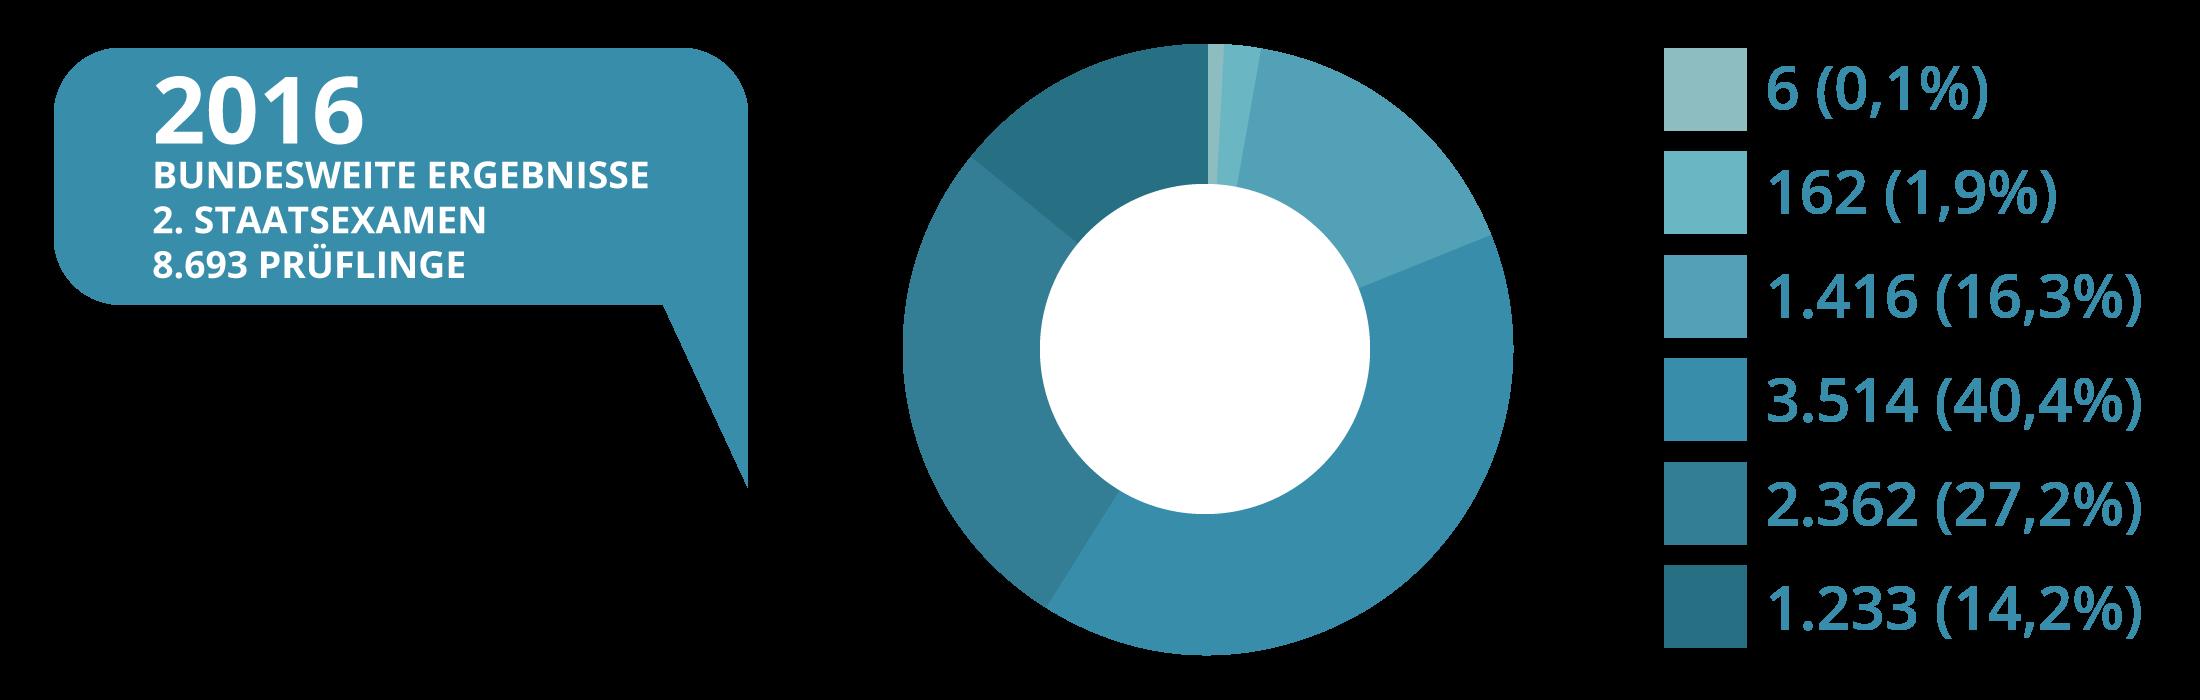 JurCase - Kreisdiagramm - 2016 - Ergebnisse Zweites Staatsexamen